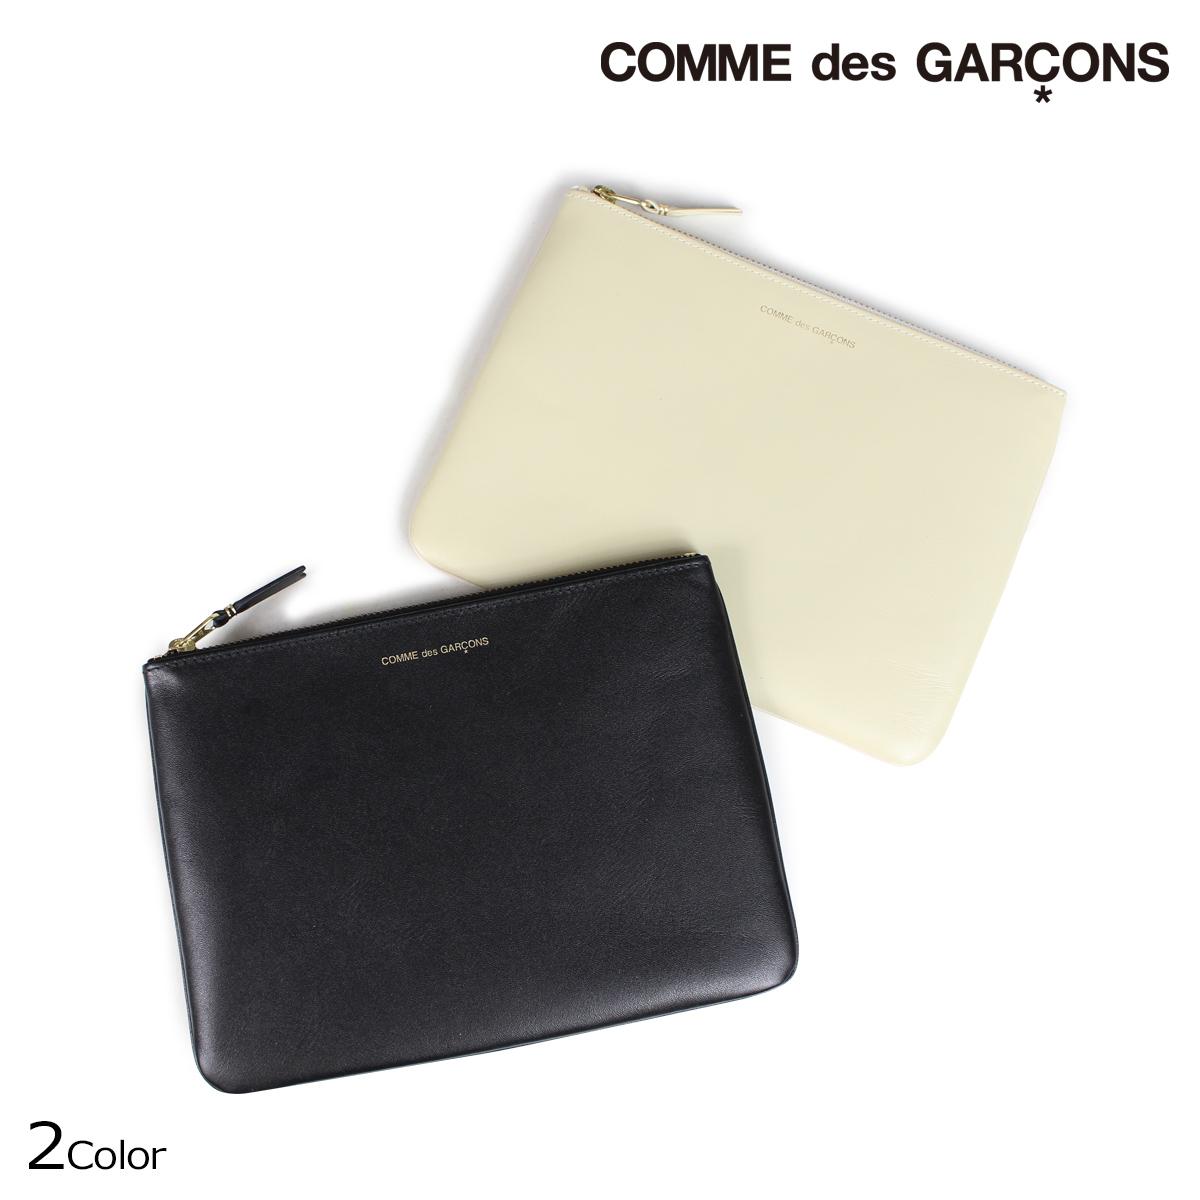 【正規通販】 コムデギャルソン ポーチ 小物入れ メンズ 新入荷] レディース COMME des des GARCONS SA5100 SA5100 ブラック オフホワイト [9/10 新入荷], ハンガーWEB:26347565 --- canoncity.azurewebsites.net